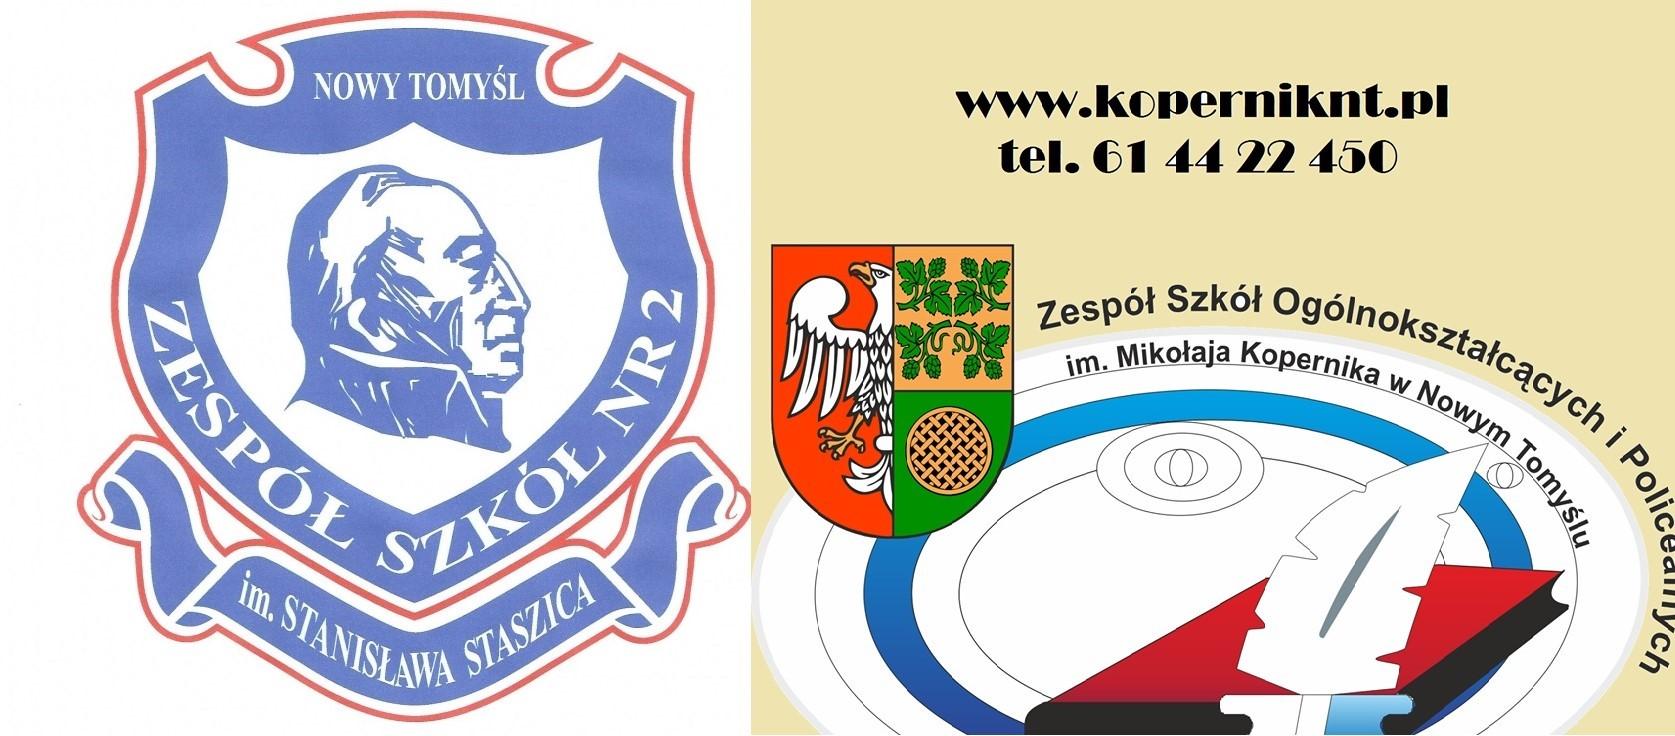 Kopernik ca Staszic - Jacek Cerkaski - Radio Poznań